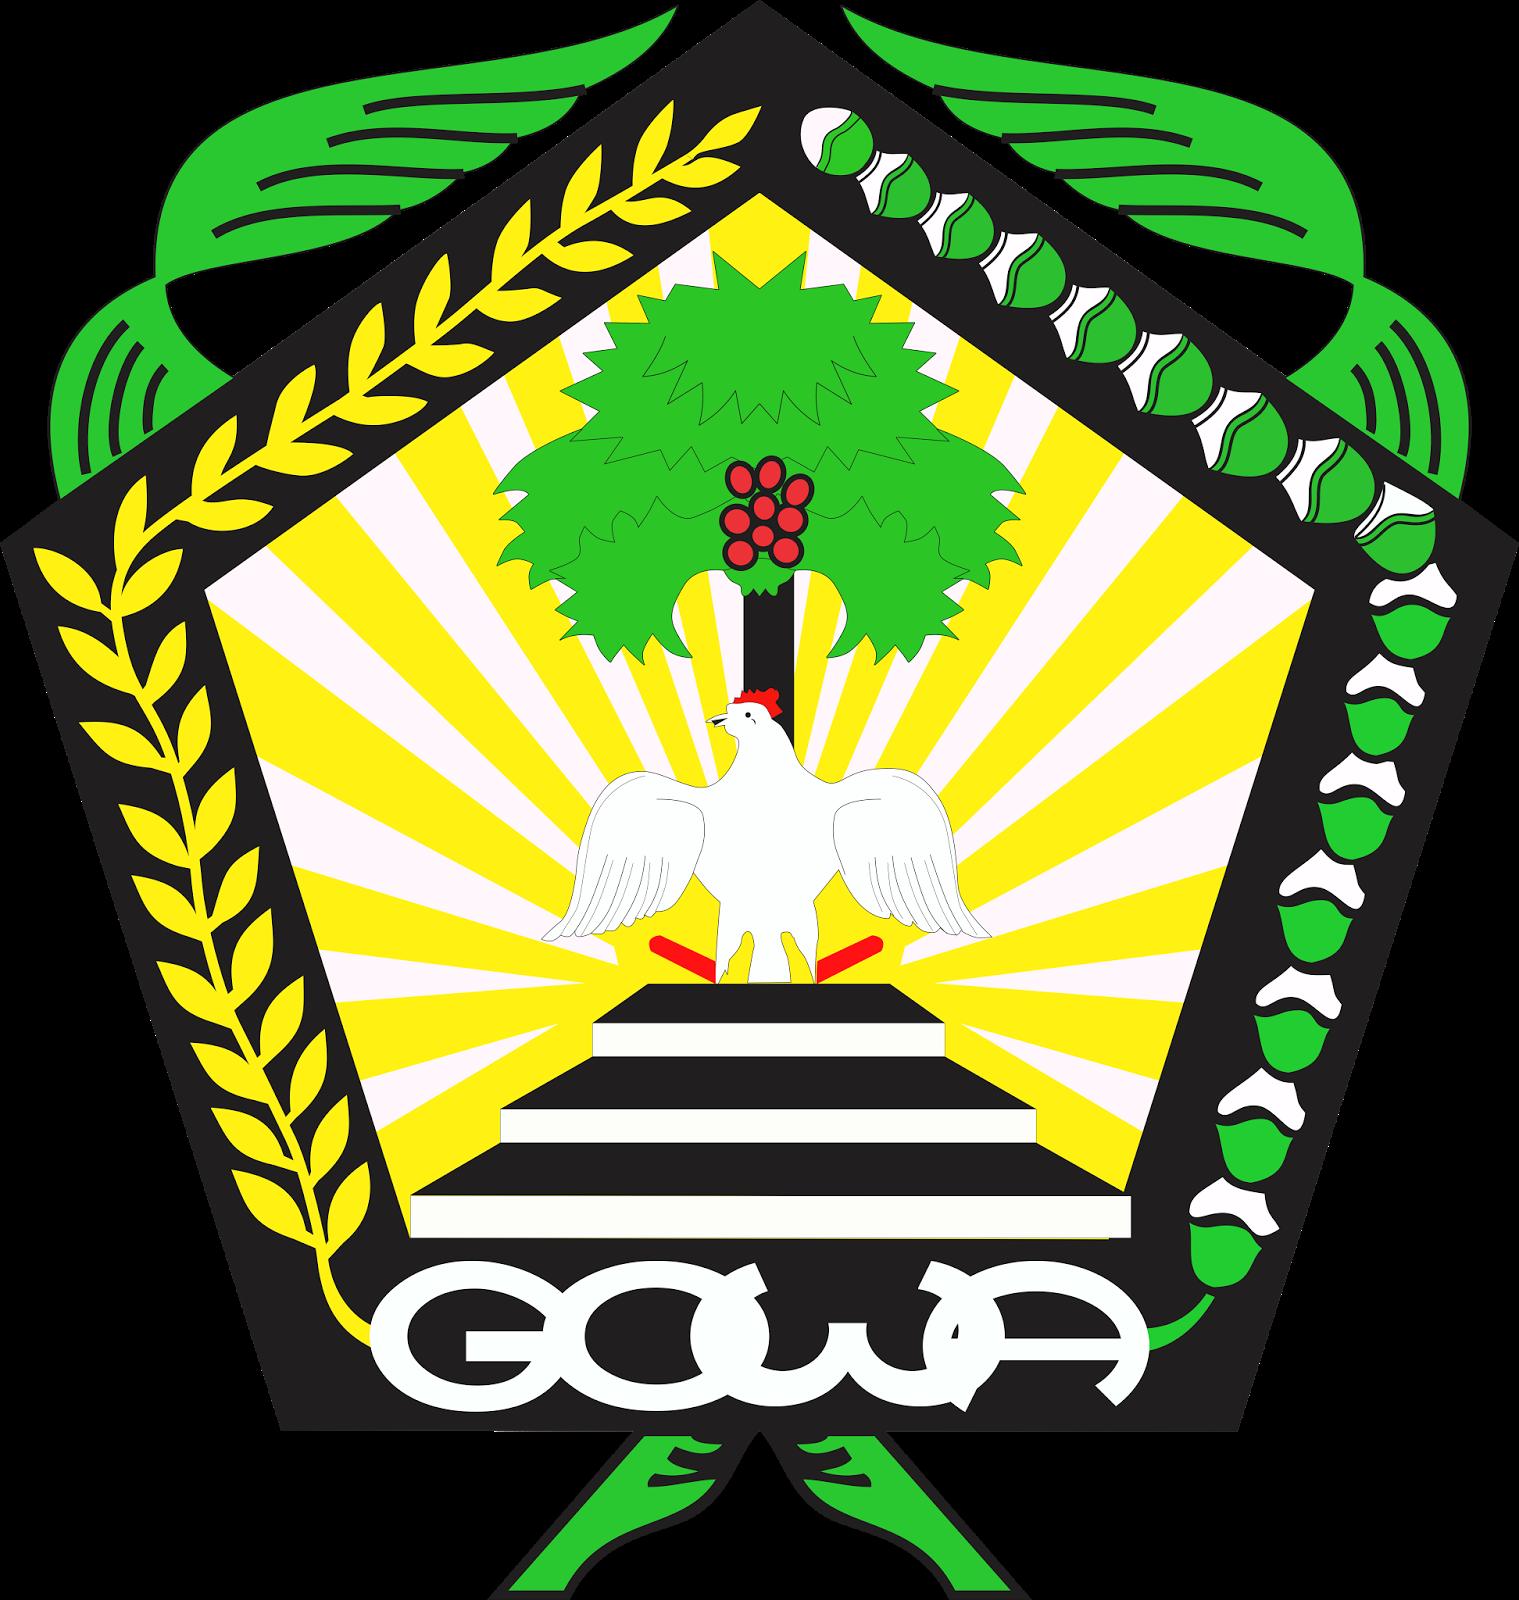 Dinas Pariwisata dan Kebudayaan Kabupaten Gowa